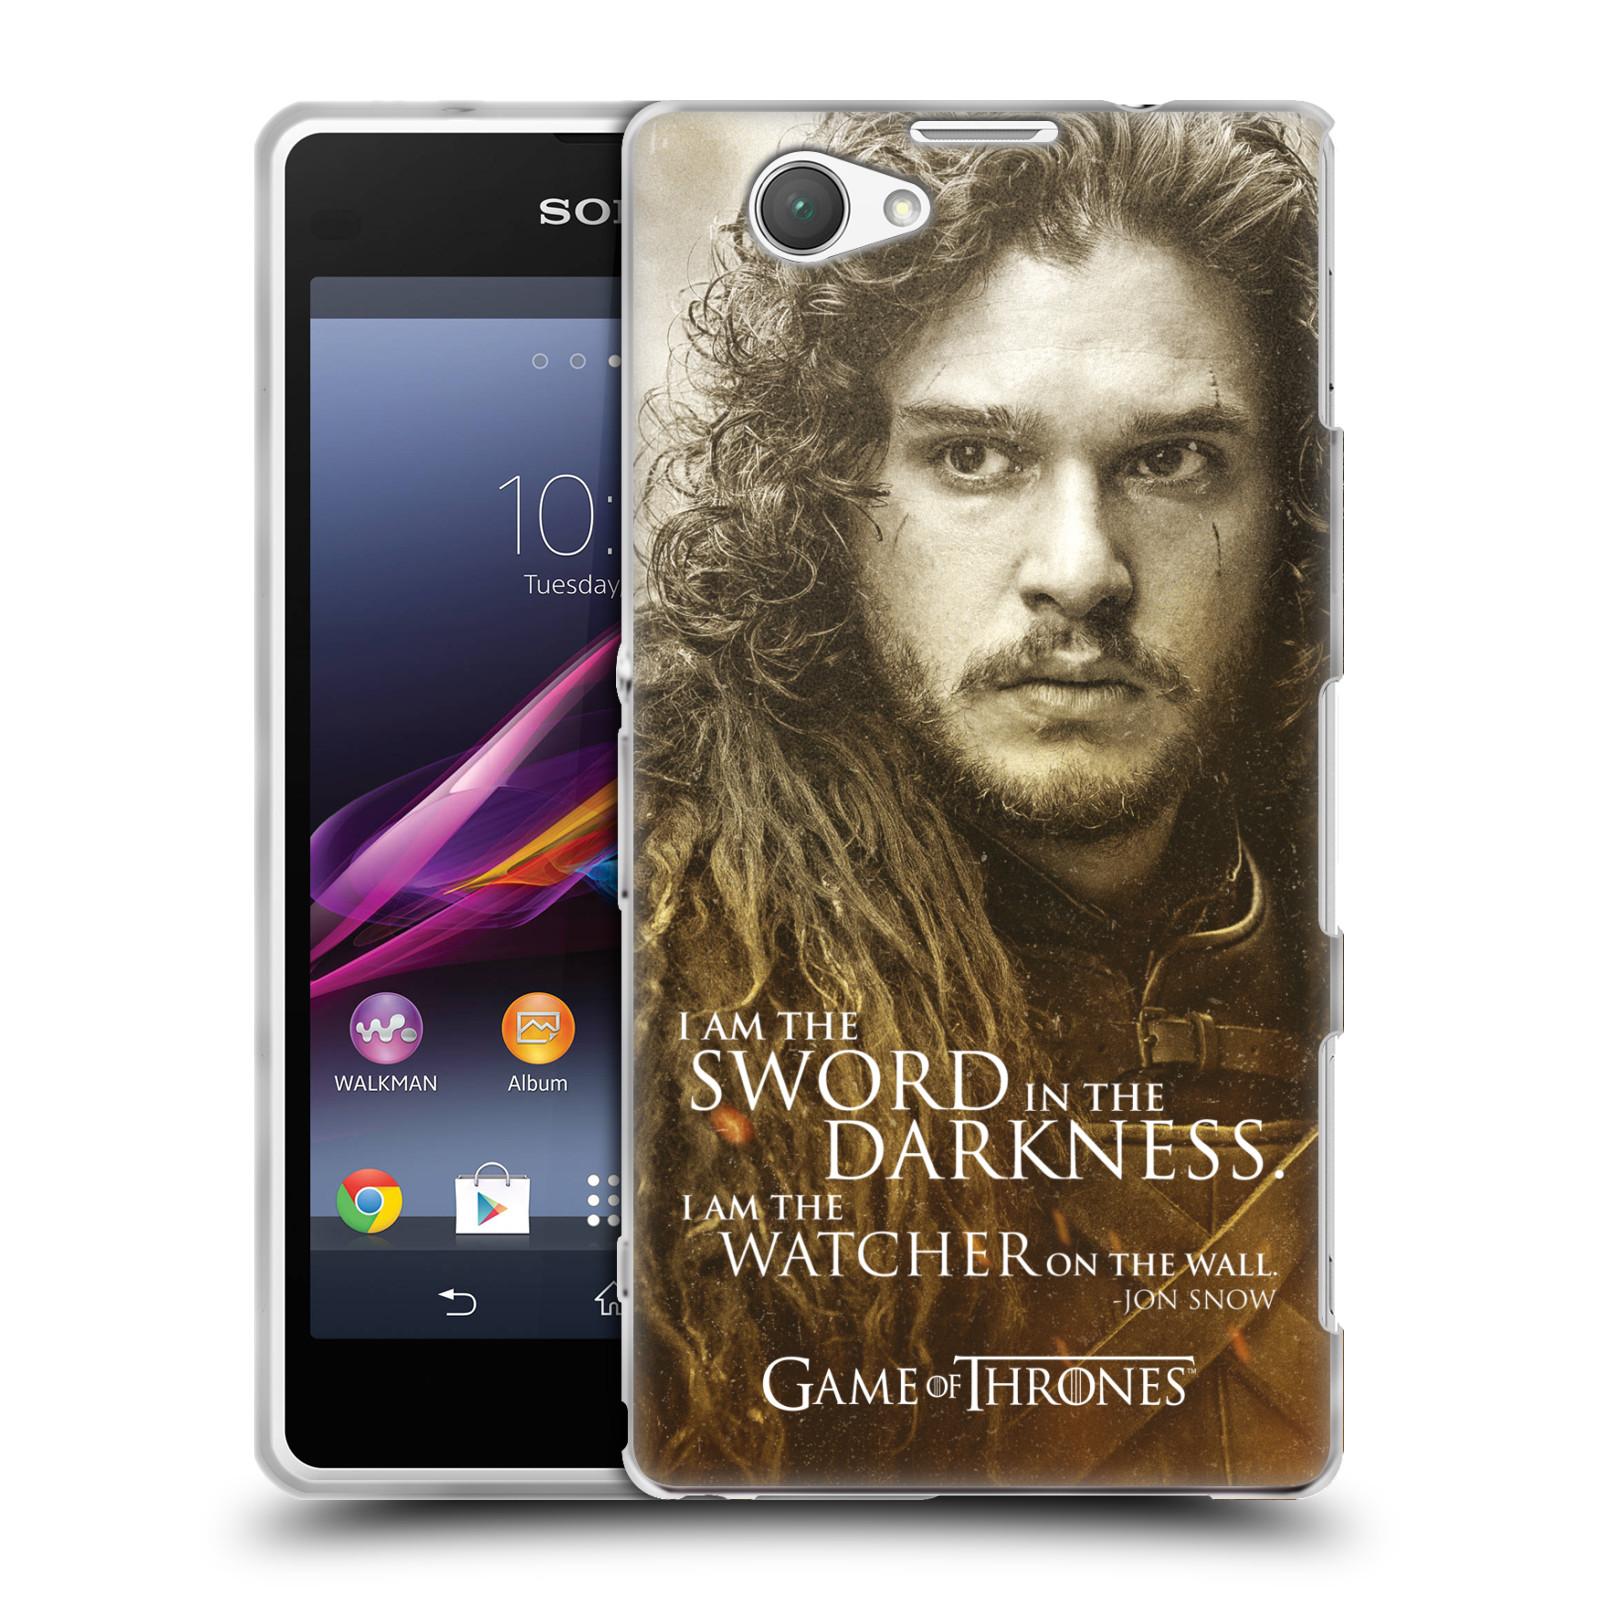 Silikonové pouzdro na mobil Sony Xperia Z1 Compact D5503 HEAD CASE Hra o trůny - Jon Snow (Silikonový kryt či obal na mobilní telefon s licencovaným motivem Hra o trůny - Game Of Thrones pro Sony Xperia Z1 Compact)